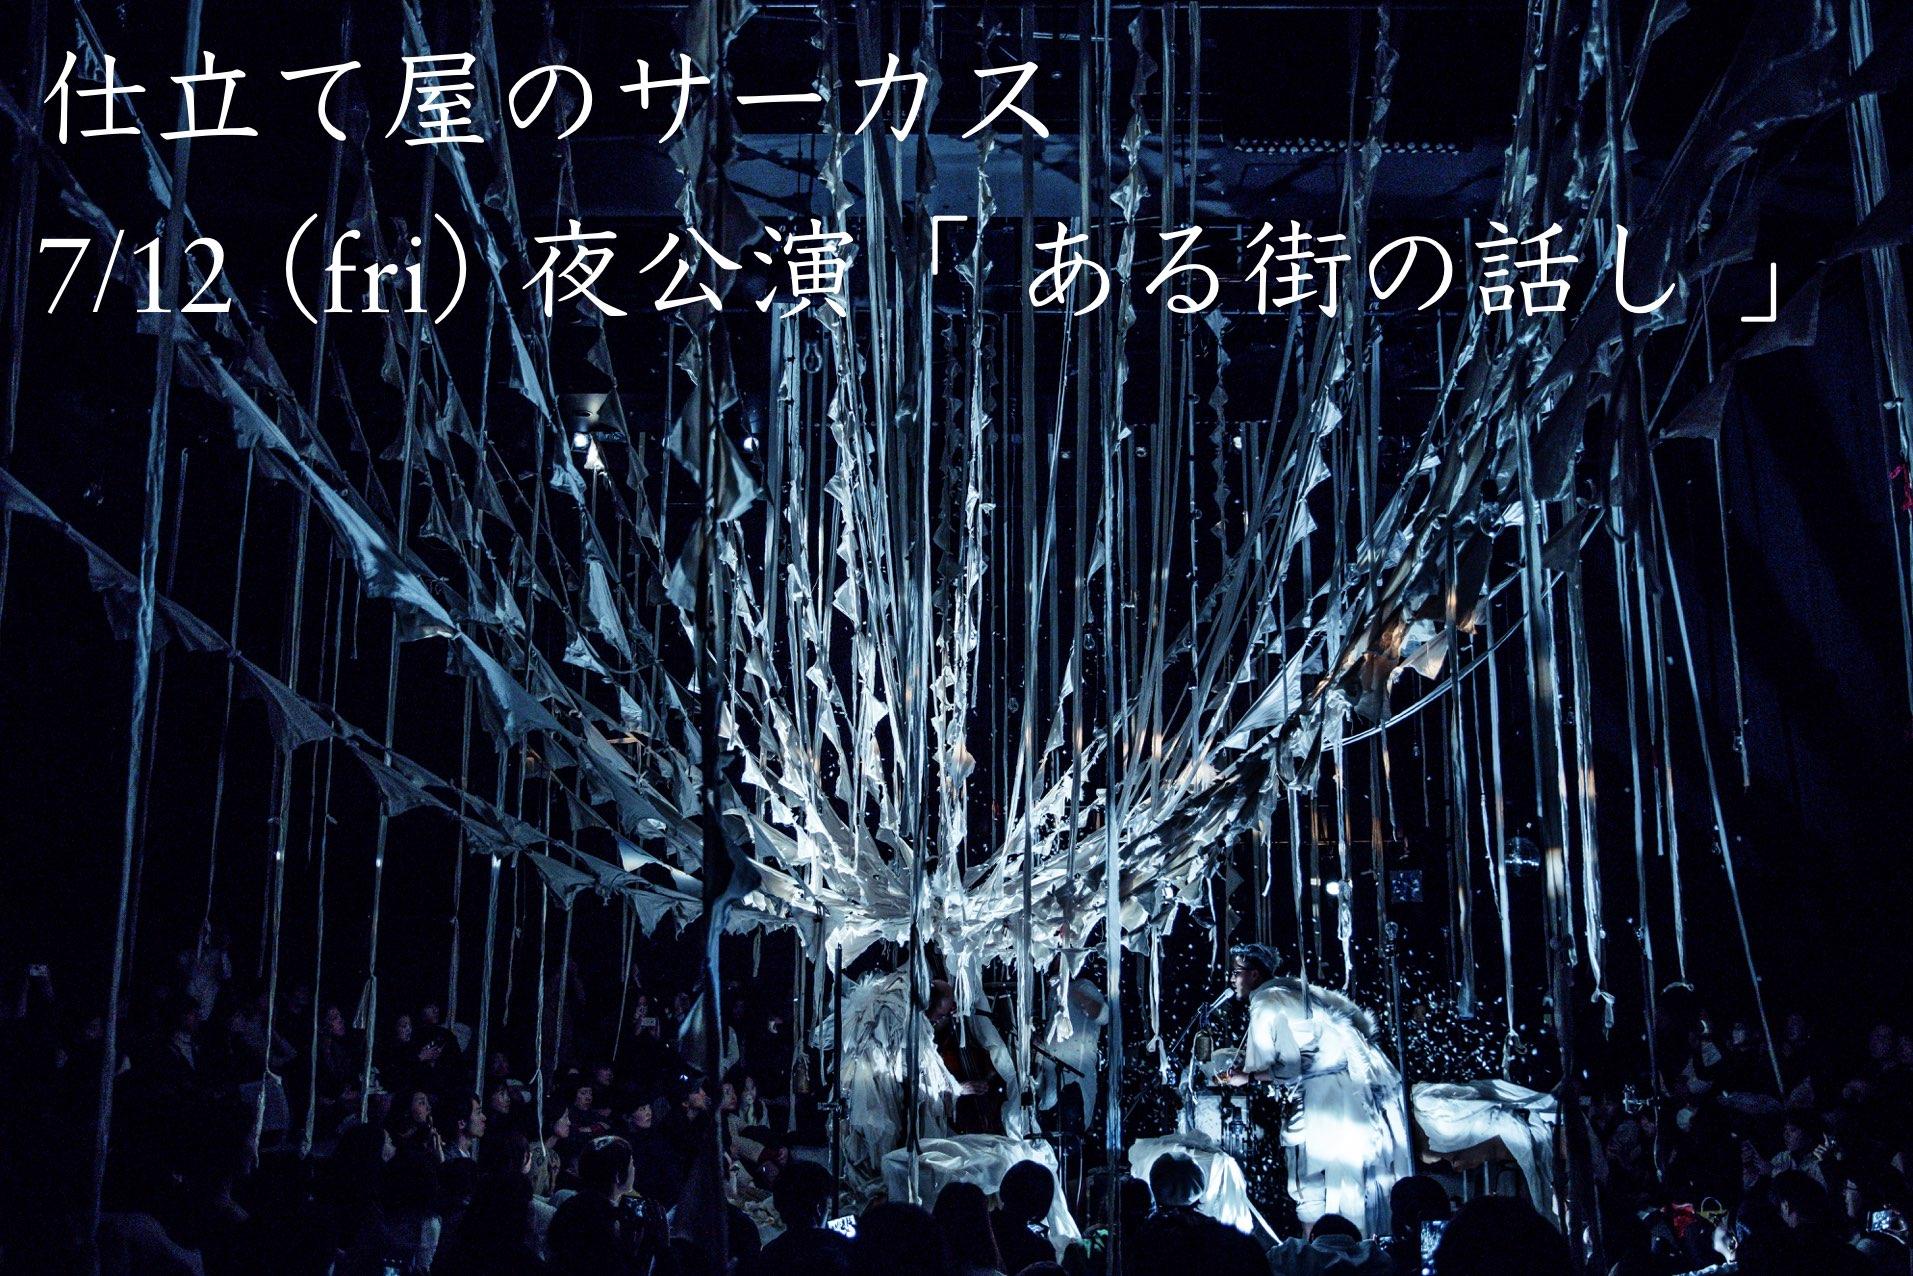 """7/12(金) 夜公演 : 仕立て屋のサーカス """" Circo de Sastre """" 福岡公演"""